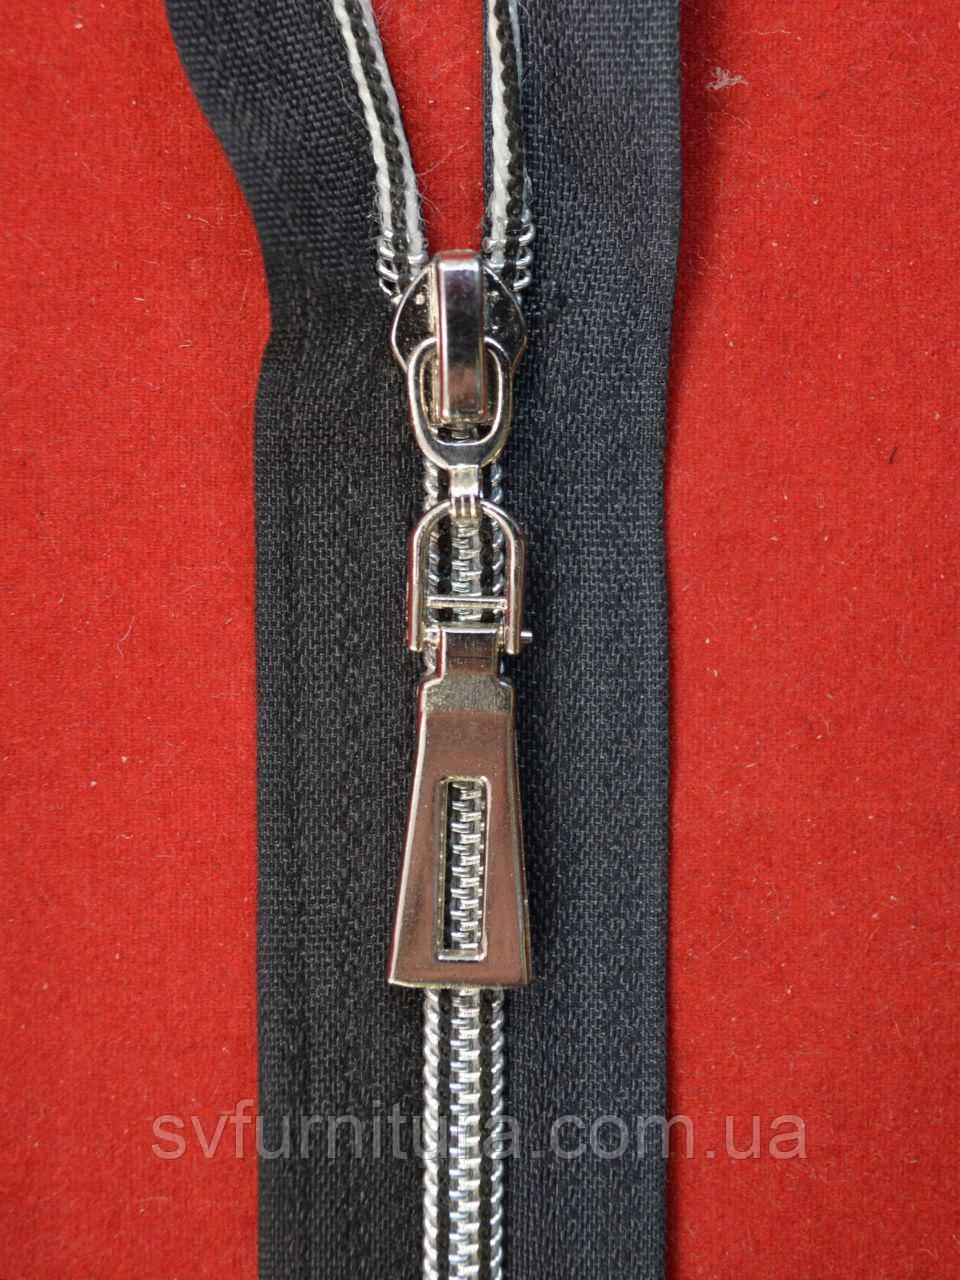 Блискавка спіраль 5 антик Малий трик срібло 322 85см